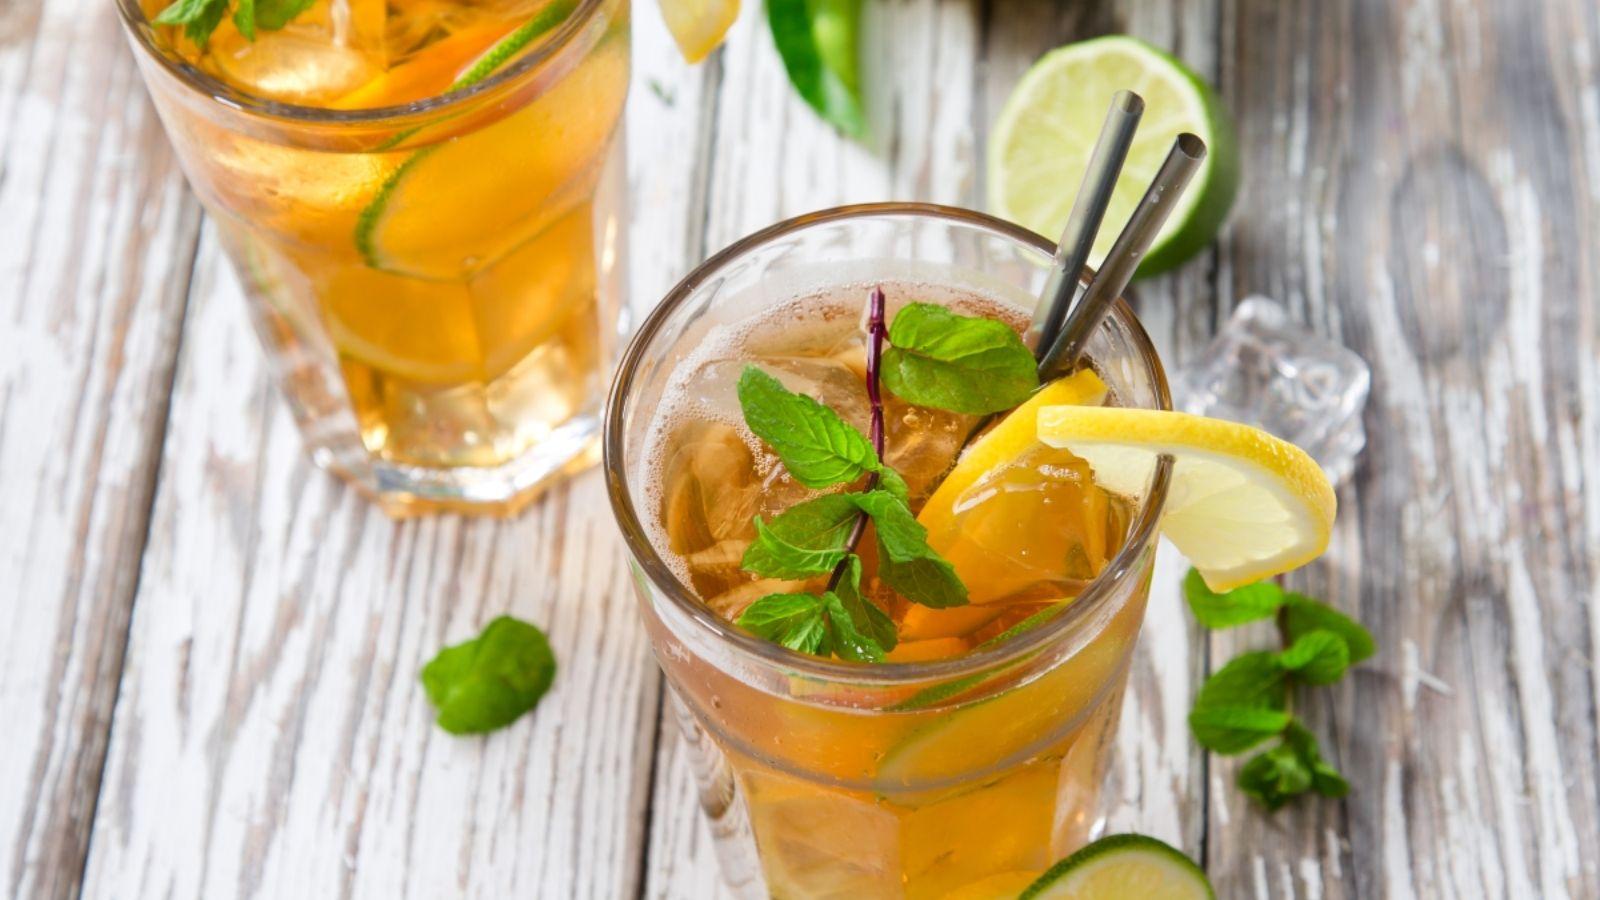 jegestea a hideg nyari udito A víz után a tea Földünk második legkedveltebb itala. A nyár és a meleg közeledtével a teát inkább hűsítő jegestea formájában fogyasztjuk.